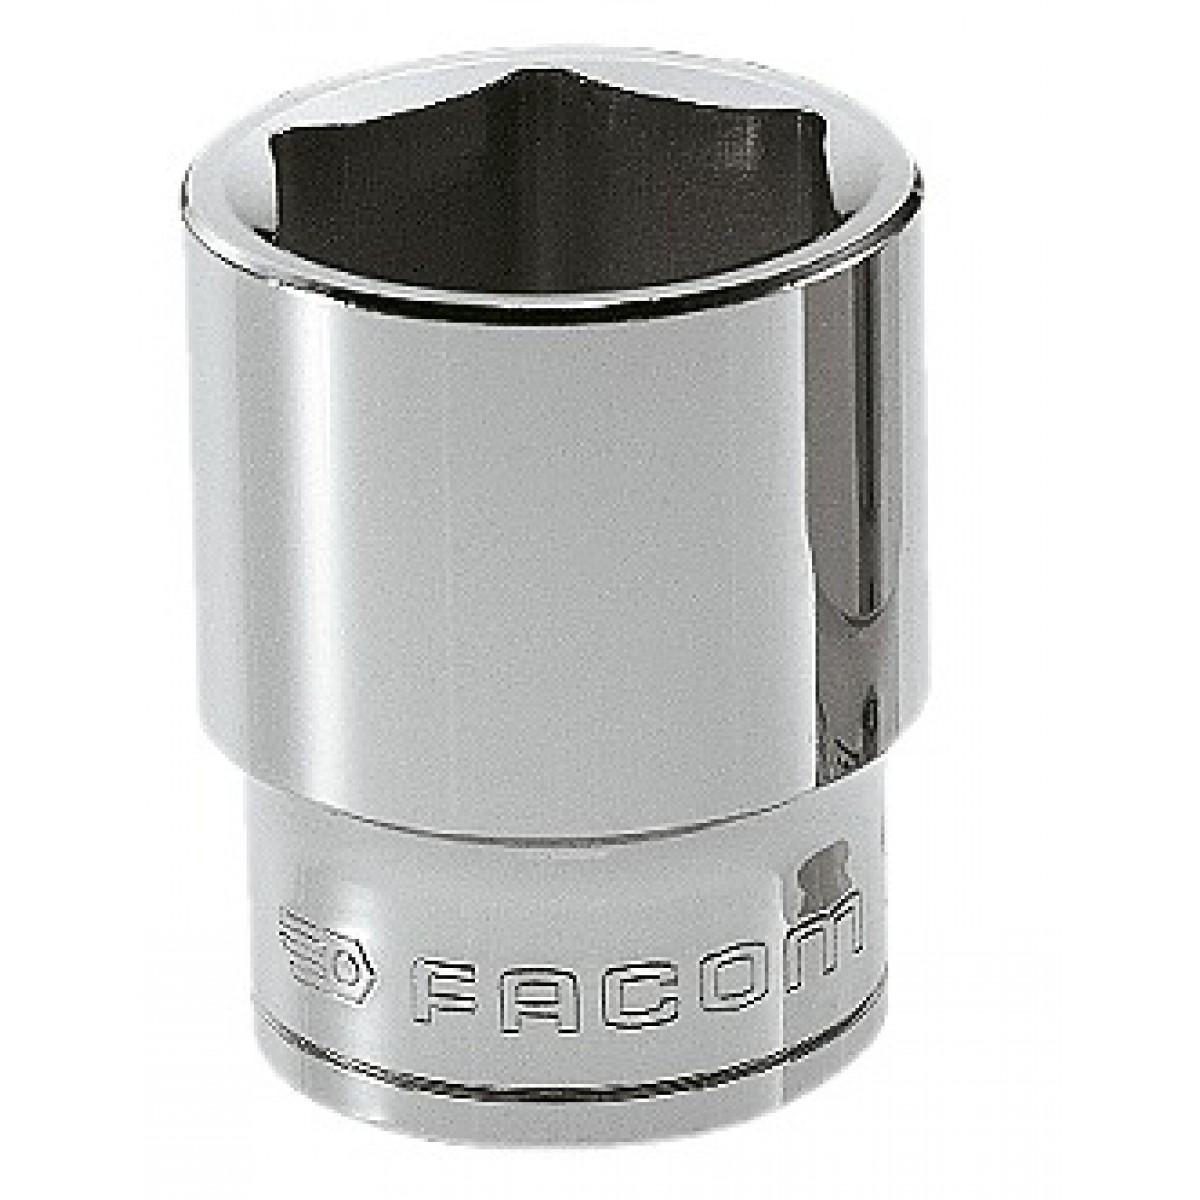 """Douille 6 pans OGV Standard 1/2"""" Facom - 15 mm"""